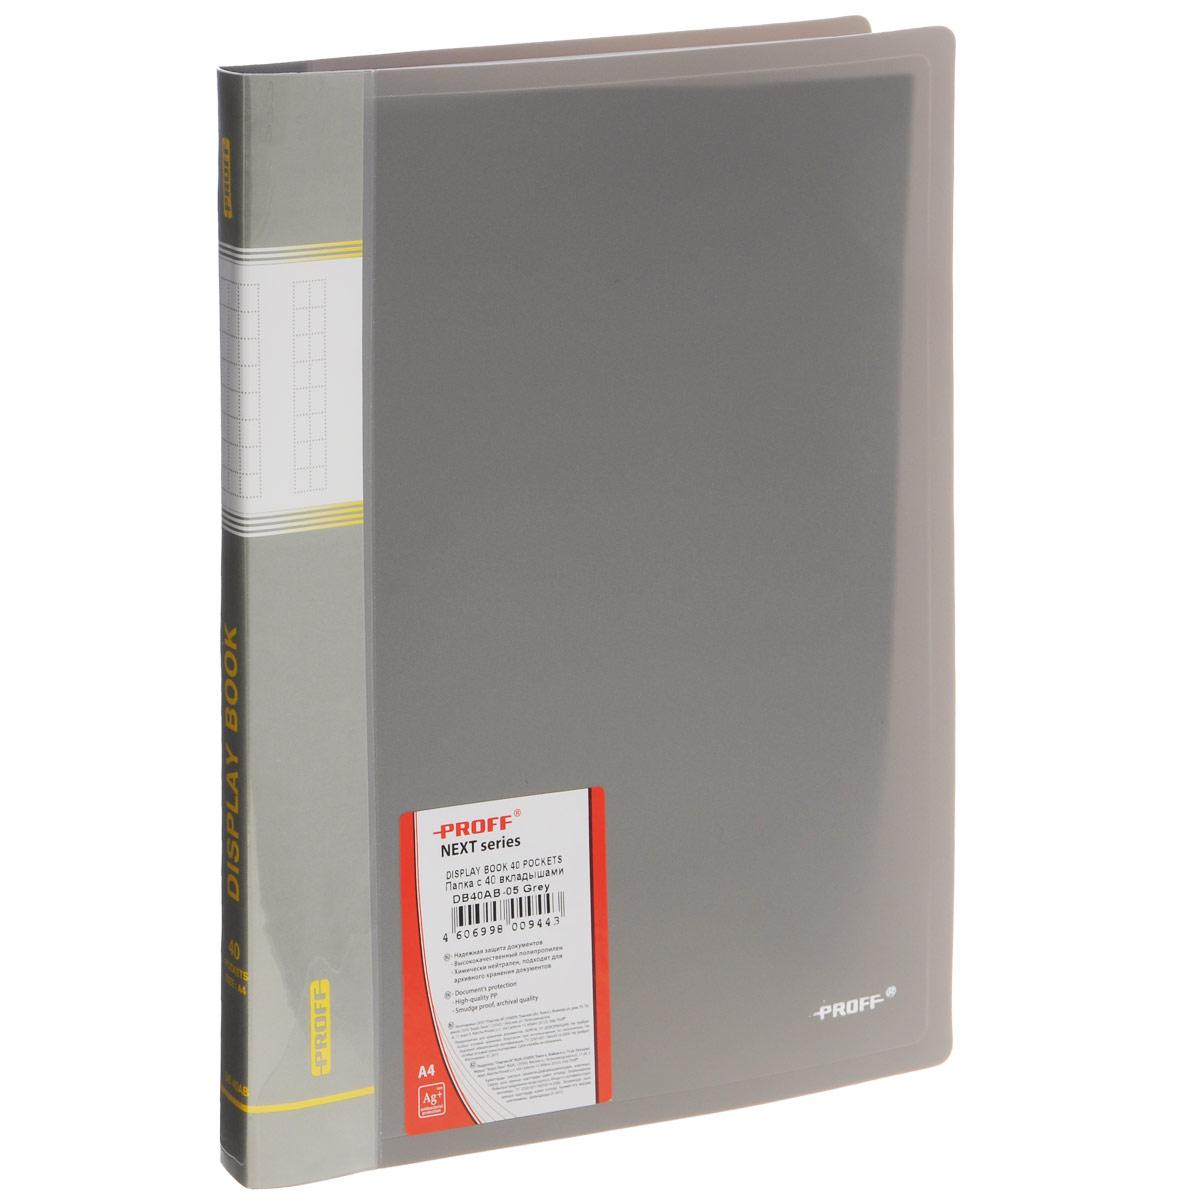 Proff Папка с файлами Next 40 листов цвет серыйFS-36054Папка с файлами Proff Next, изготовленная из высококачественного плотного полипропилена - это удобный и практичный офисный инструмент, предназначенный для хранения и транспортировки рабочих бумаг и документов формата А4.Папка оснащена 40 вклеенными прозрачными файлами.Папка с файлами - это незаменимый атрибут для студента, школьника, офисного работника. Такая папка надежно сохранит ваши документы и сбережет их от повреждений, пыли и влаги.